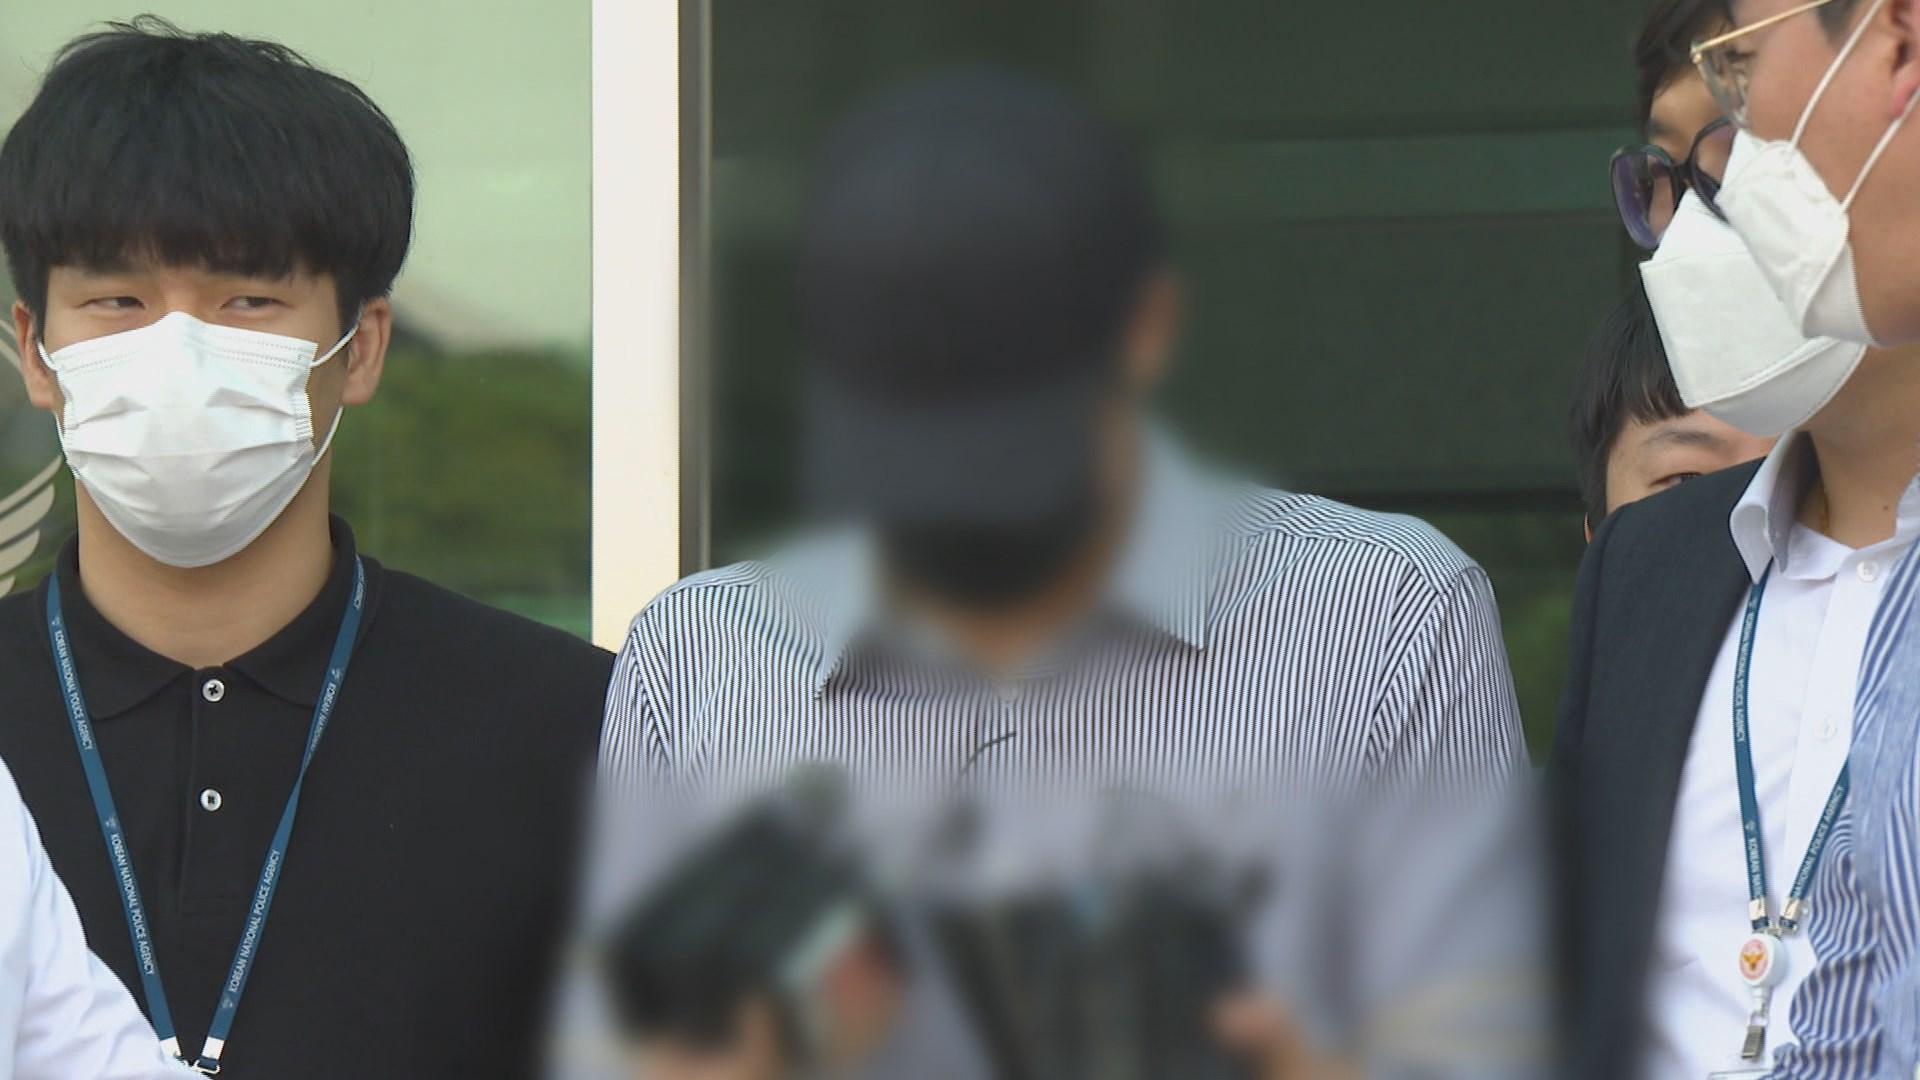 성 착취물 구매·제작혐의 30대 신상공개 불가 결정